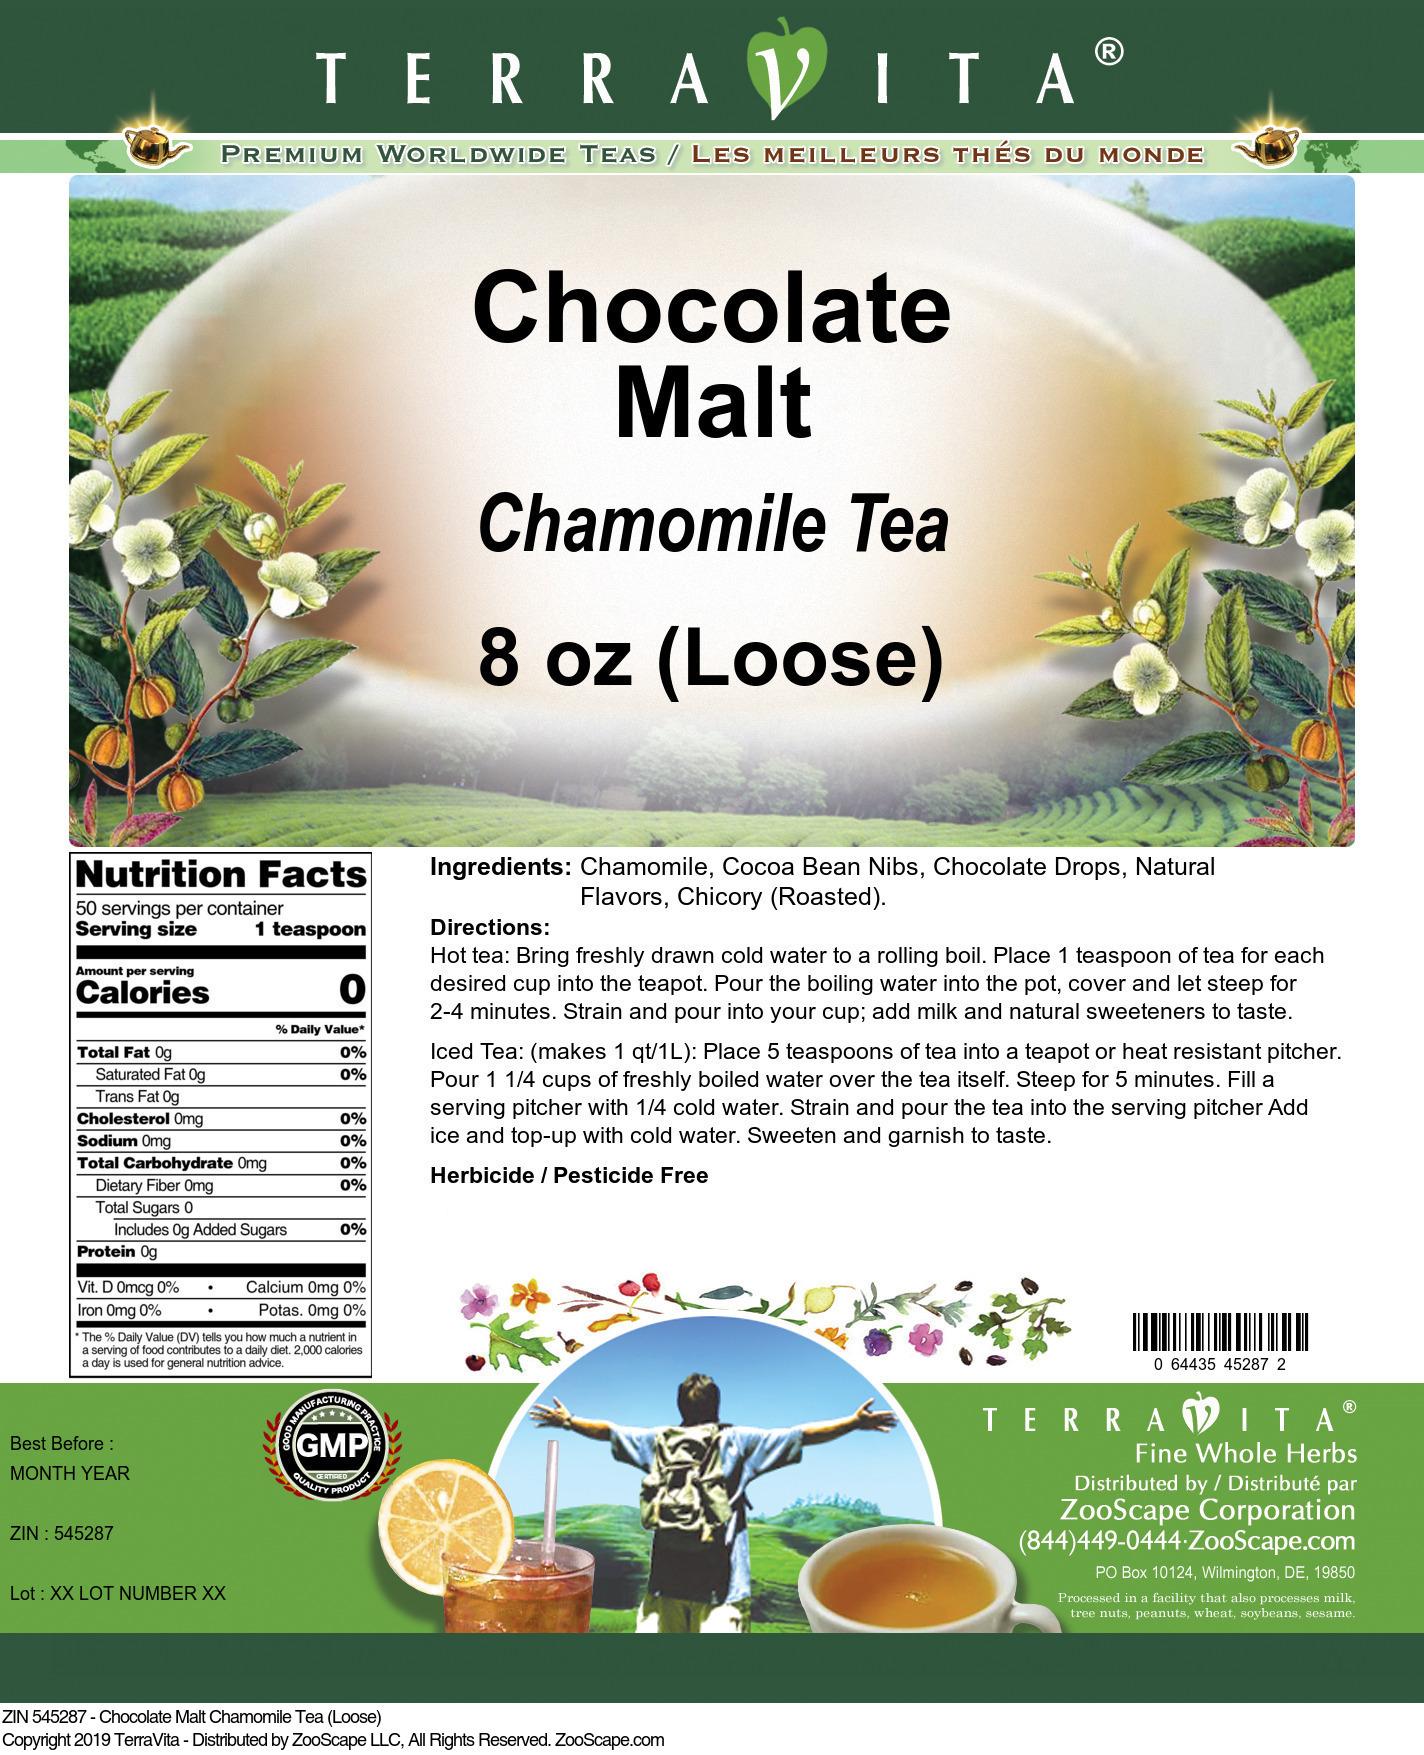 Chocolate Malt Chamomile Tea (Loose)